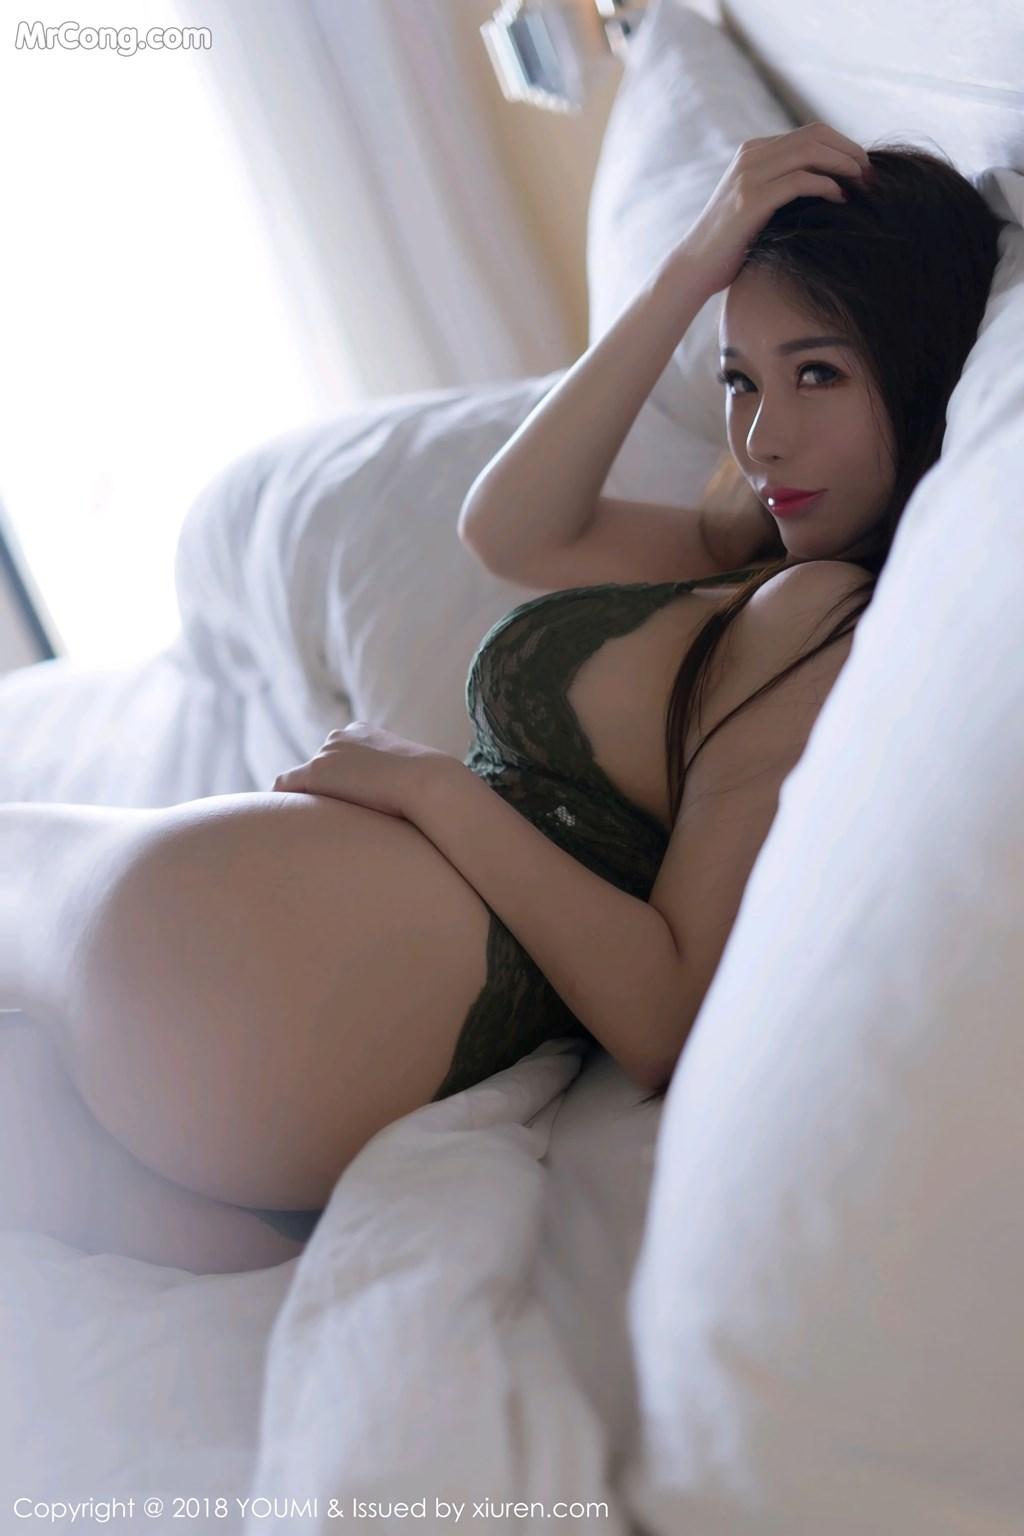 Image YouMi-Vol.228-Egg-MrCong.com-003 in post YouMi Vol.228: Người mẫu Egg_尤妮丝 (45 ảnh)